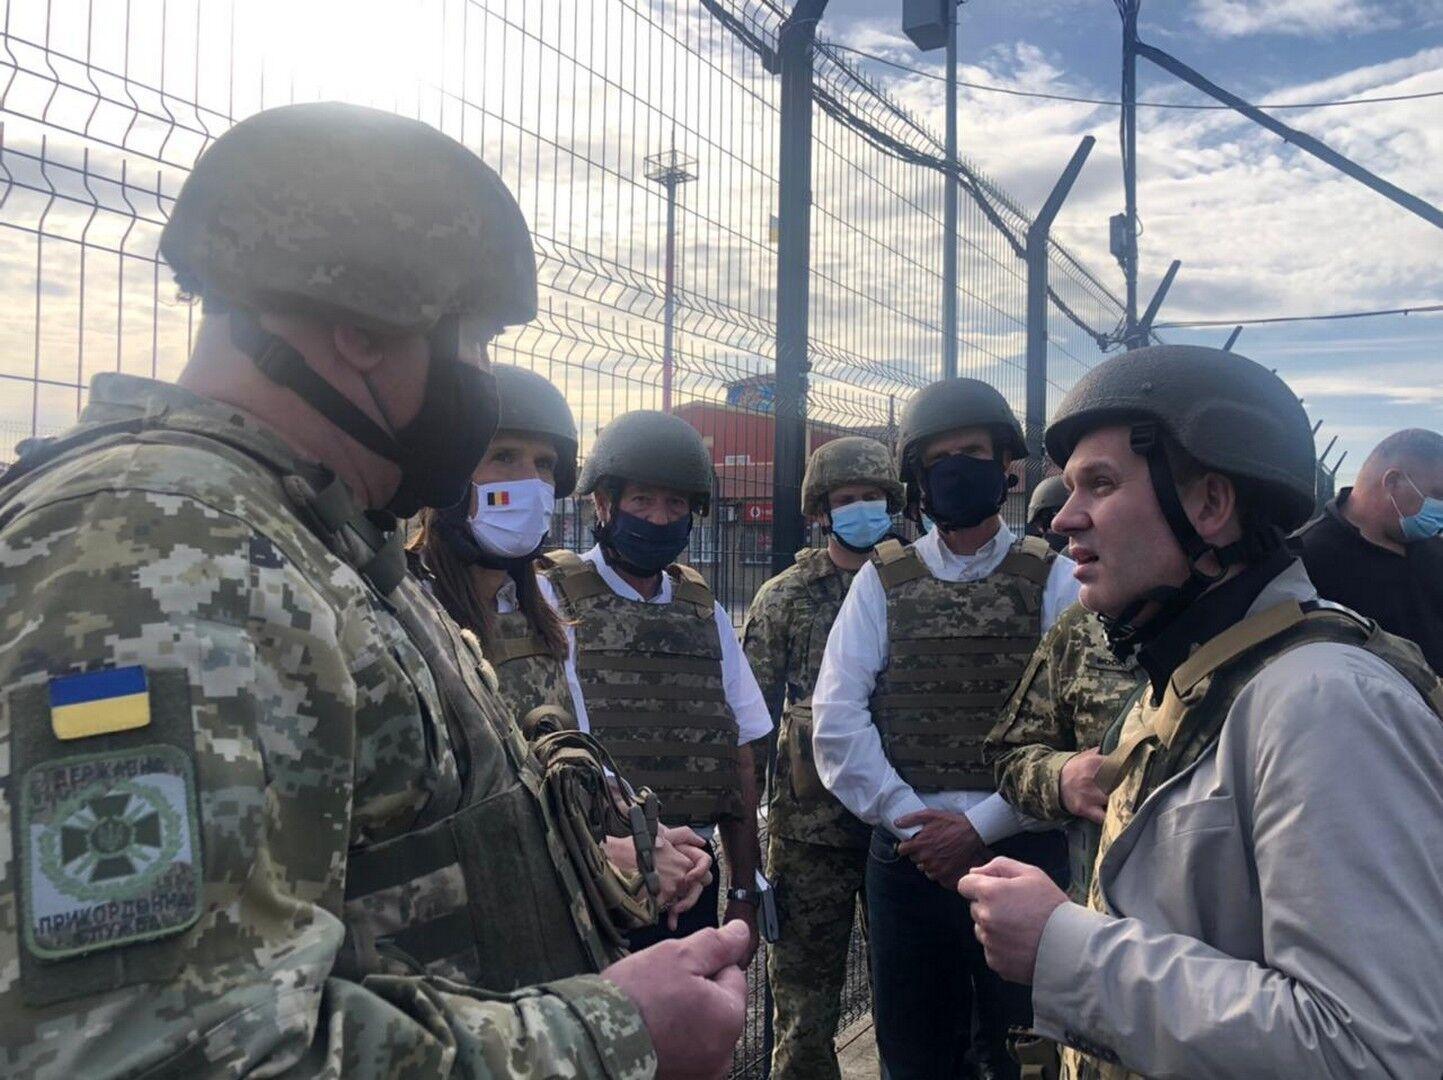 Глави МЗС країн ЄС побували на Донбасі та дізналися про провокації терористів. Фото